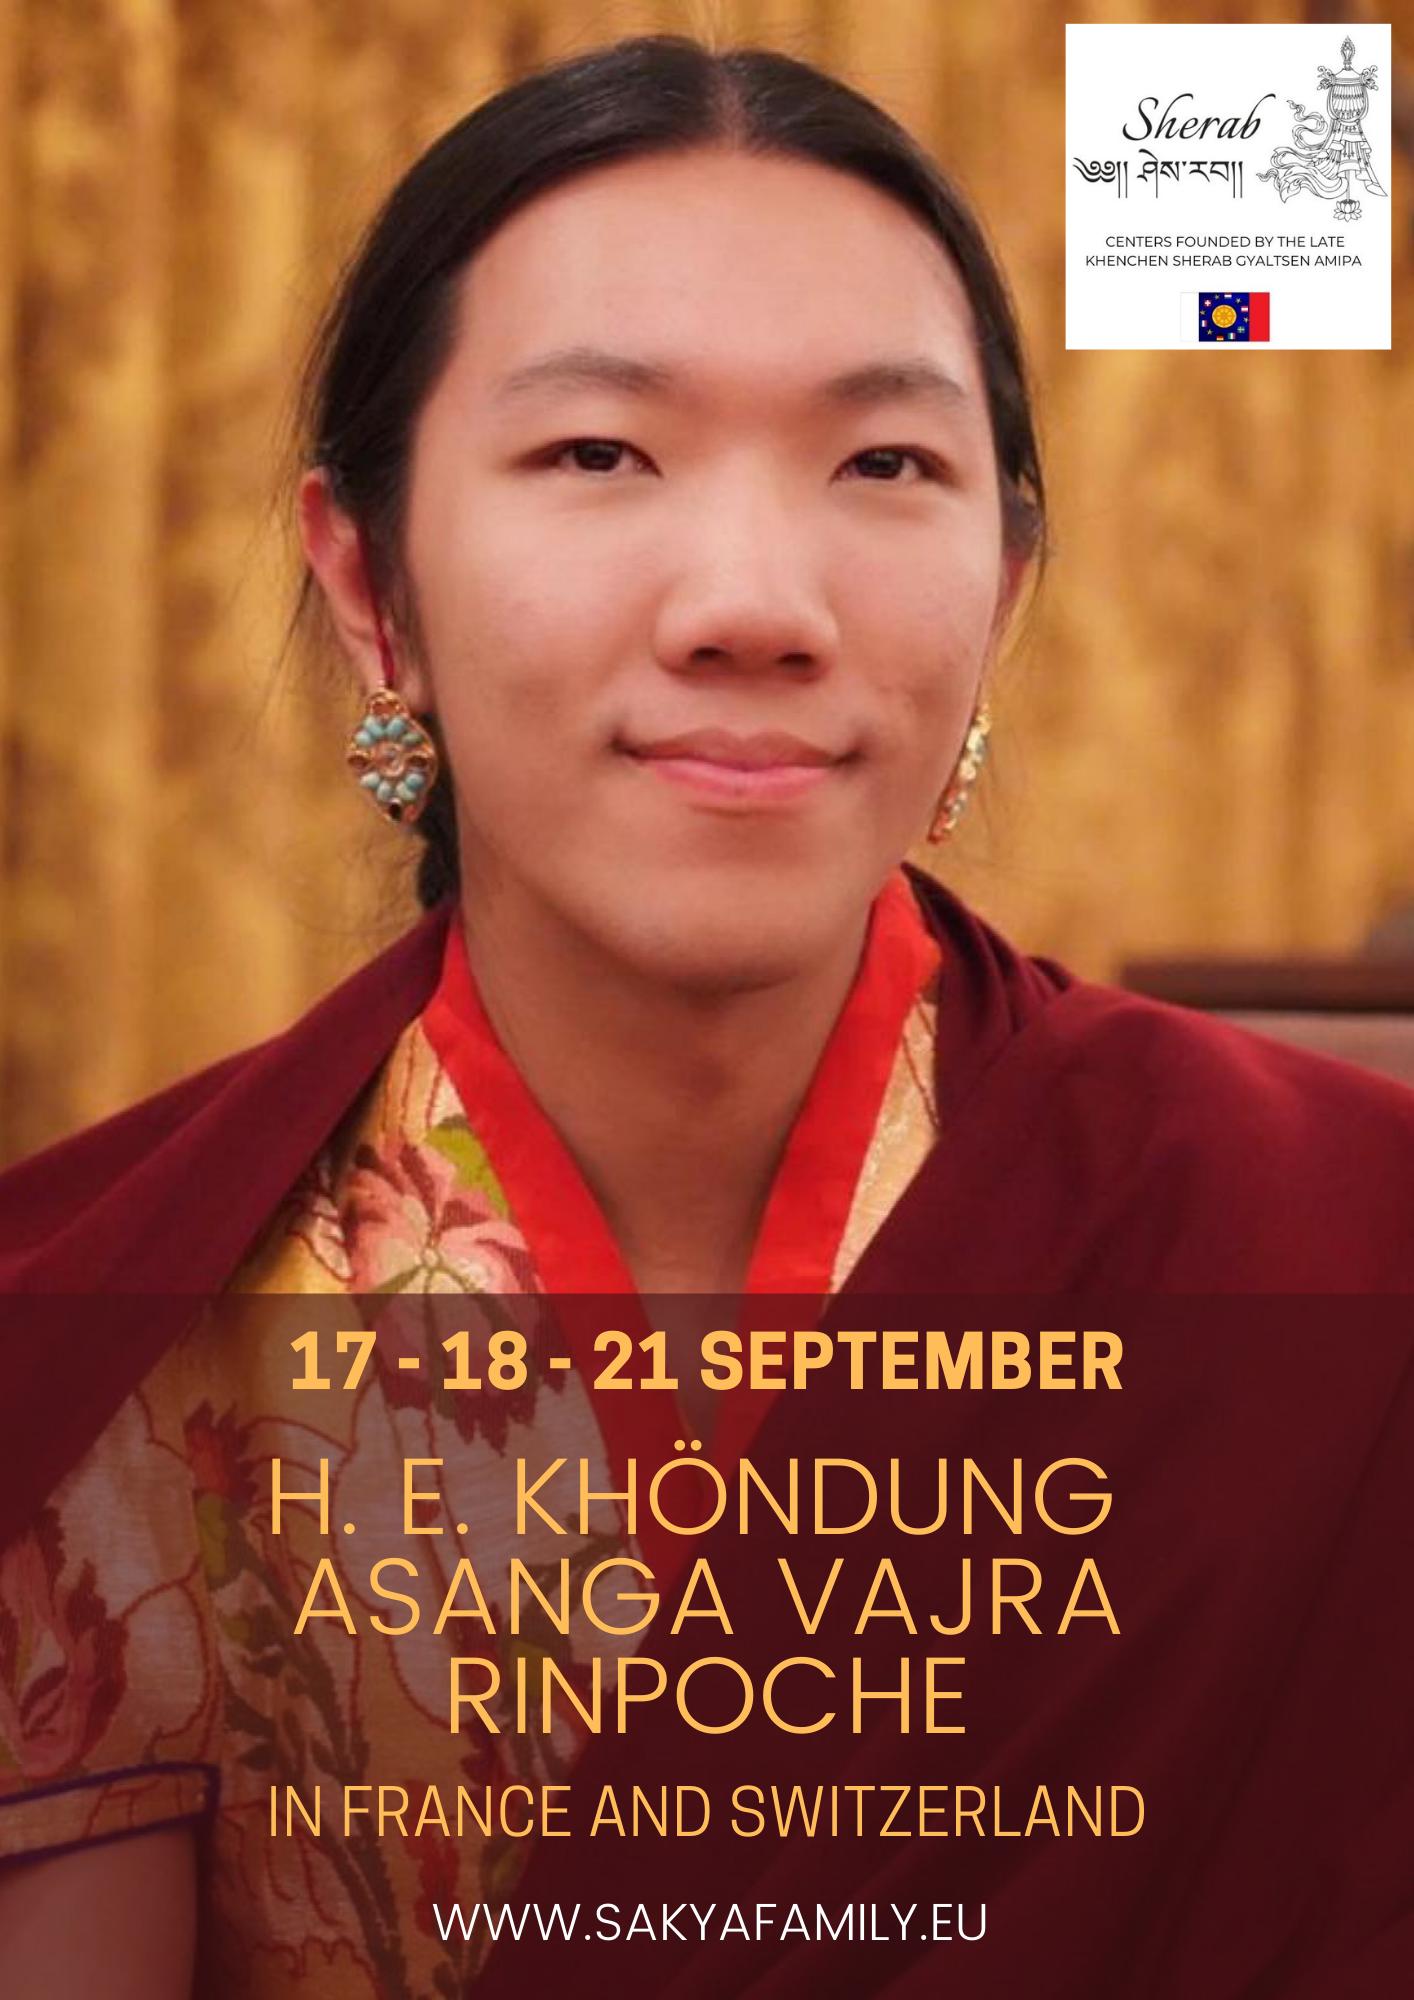 KUTTOLHEIM EN (FR, SP, IT, DE, NL) -H. E. Khöndung Asanga Vajra Rinpoche